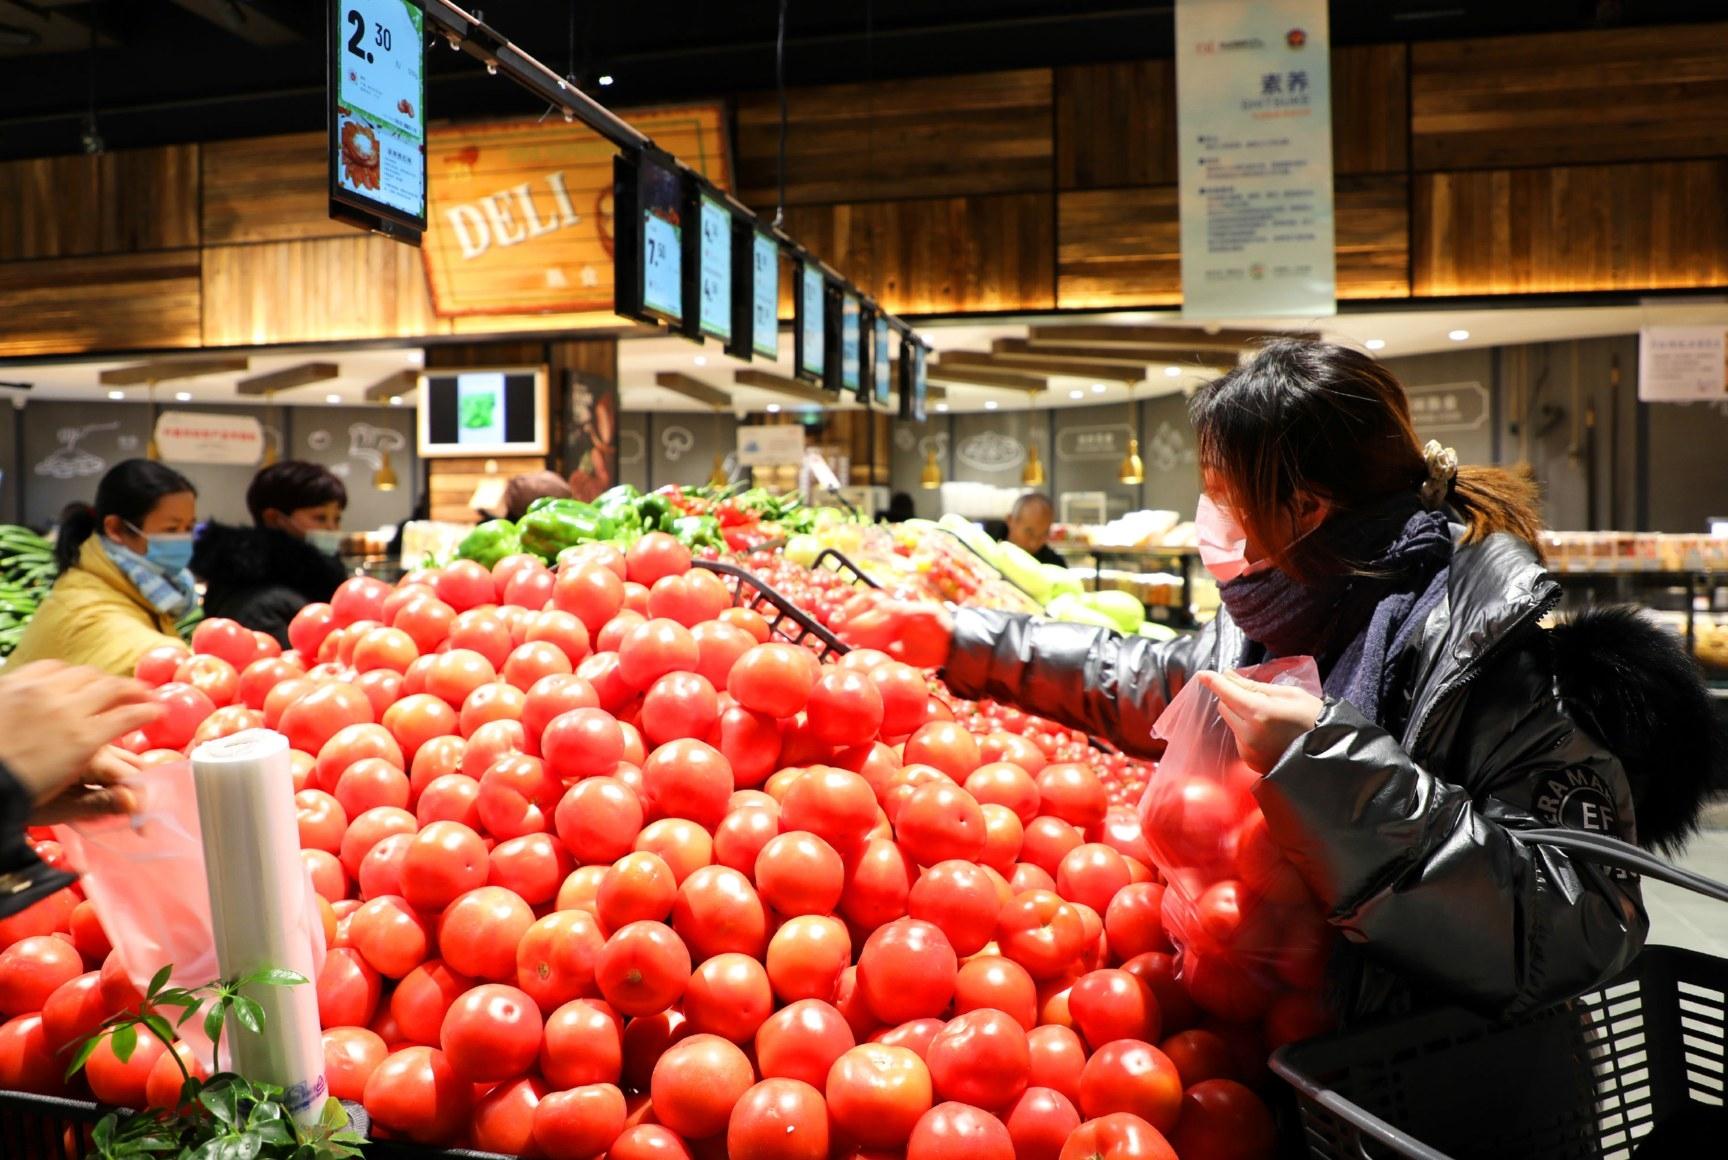 做好蔬菜基地防寒保暖工作,备足货源稳定菜价